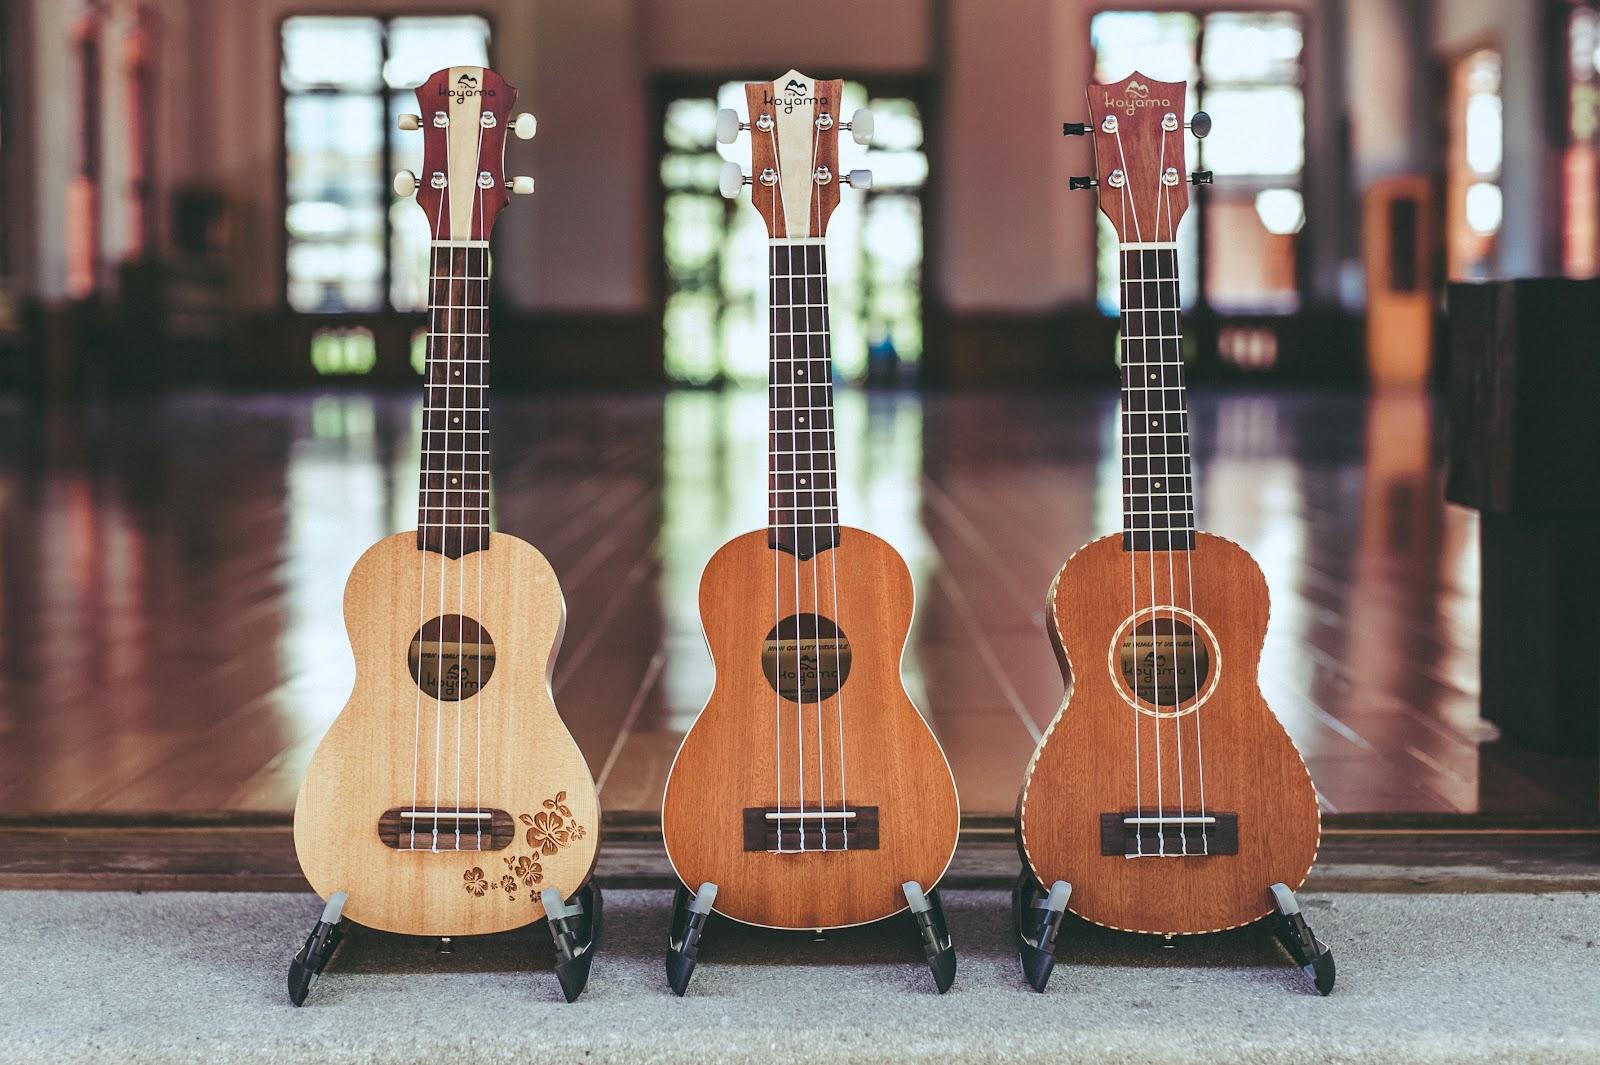 烏克麗麗三指法練習 ukulele picking practice - 小山烏克麗麗專門店